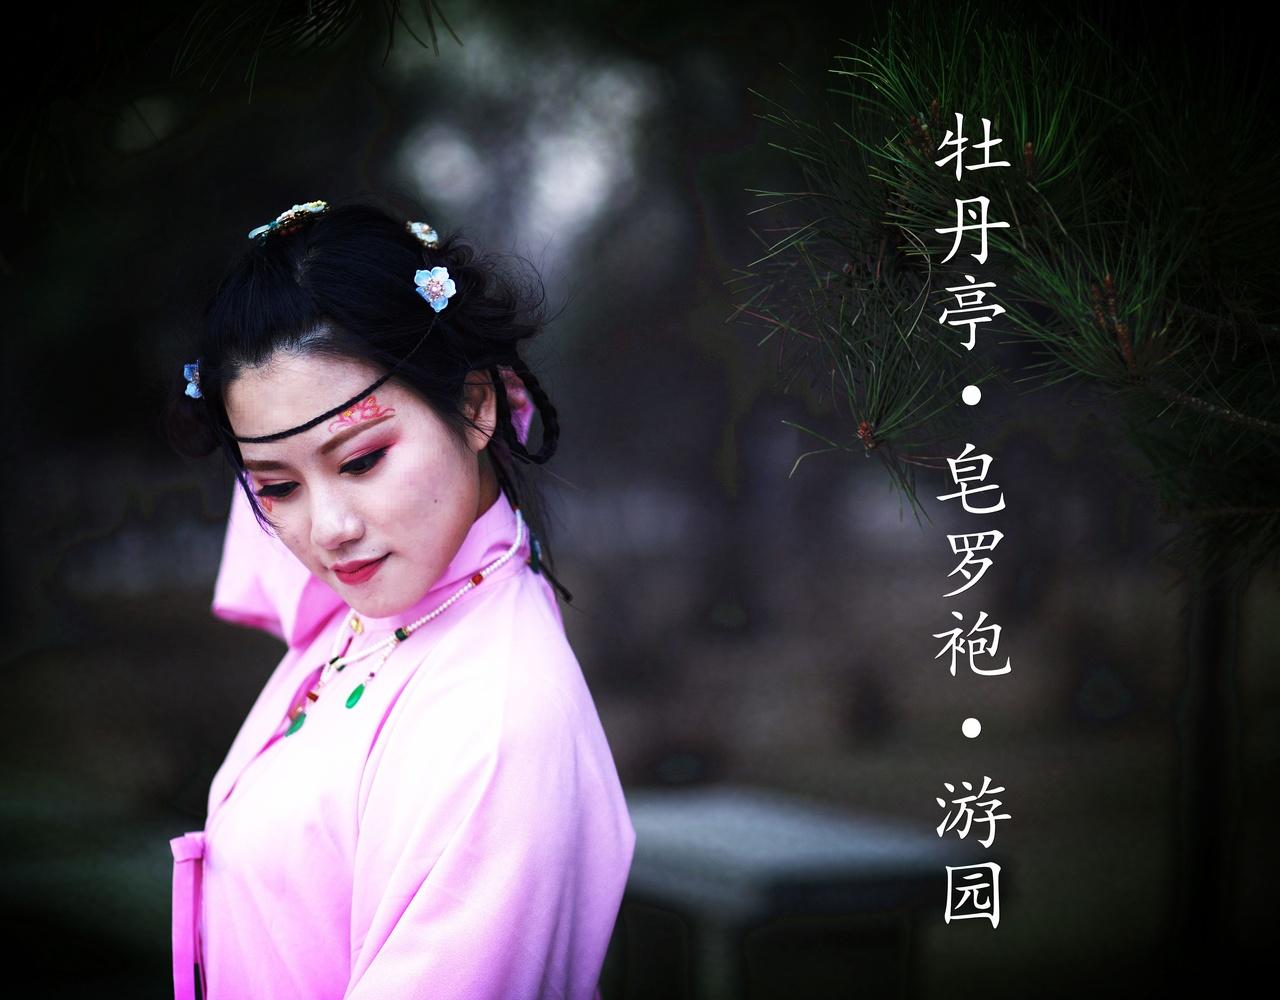 【F外景】牡丹亭·皂罗袍·游园(花絮轰轰烈烈)